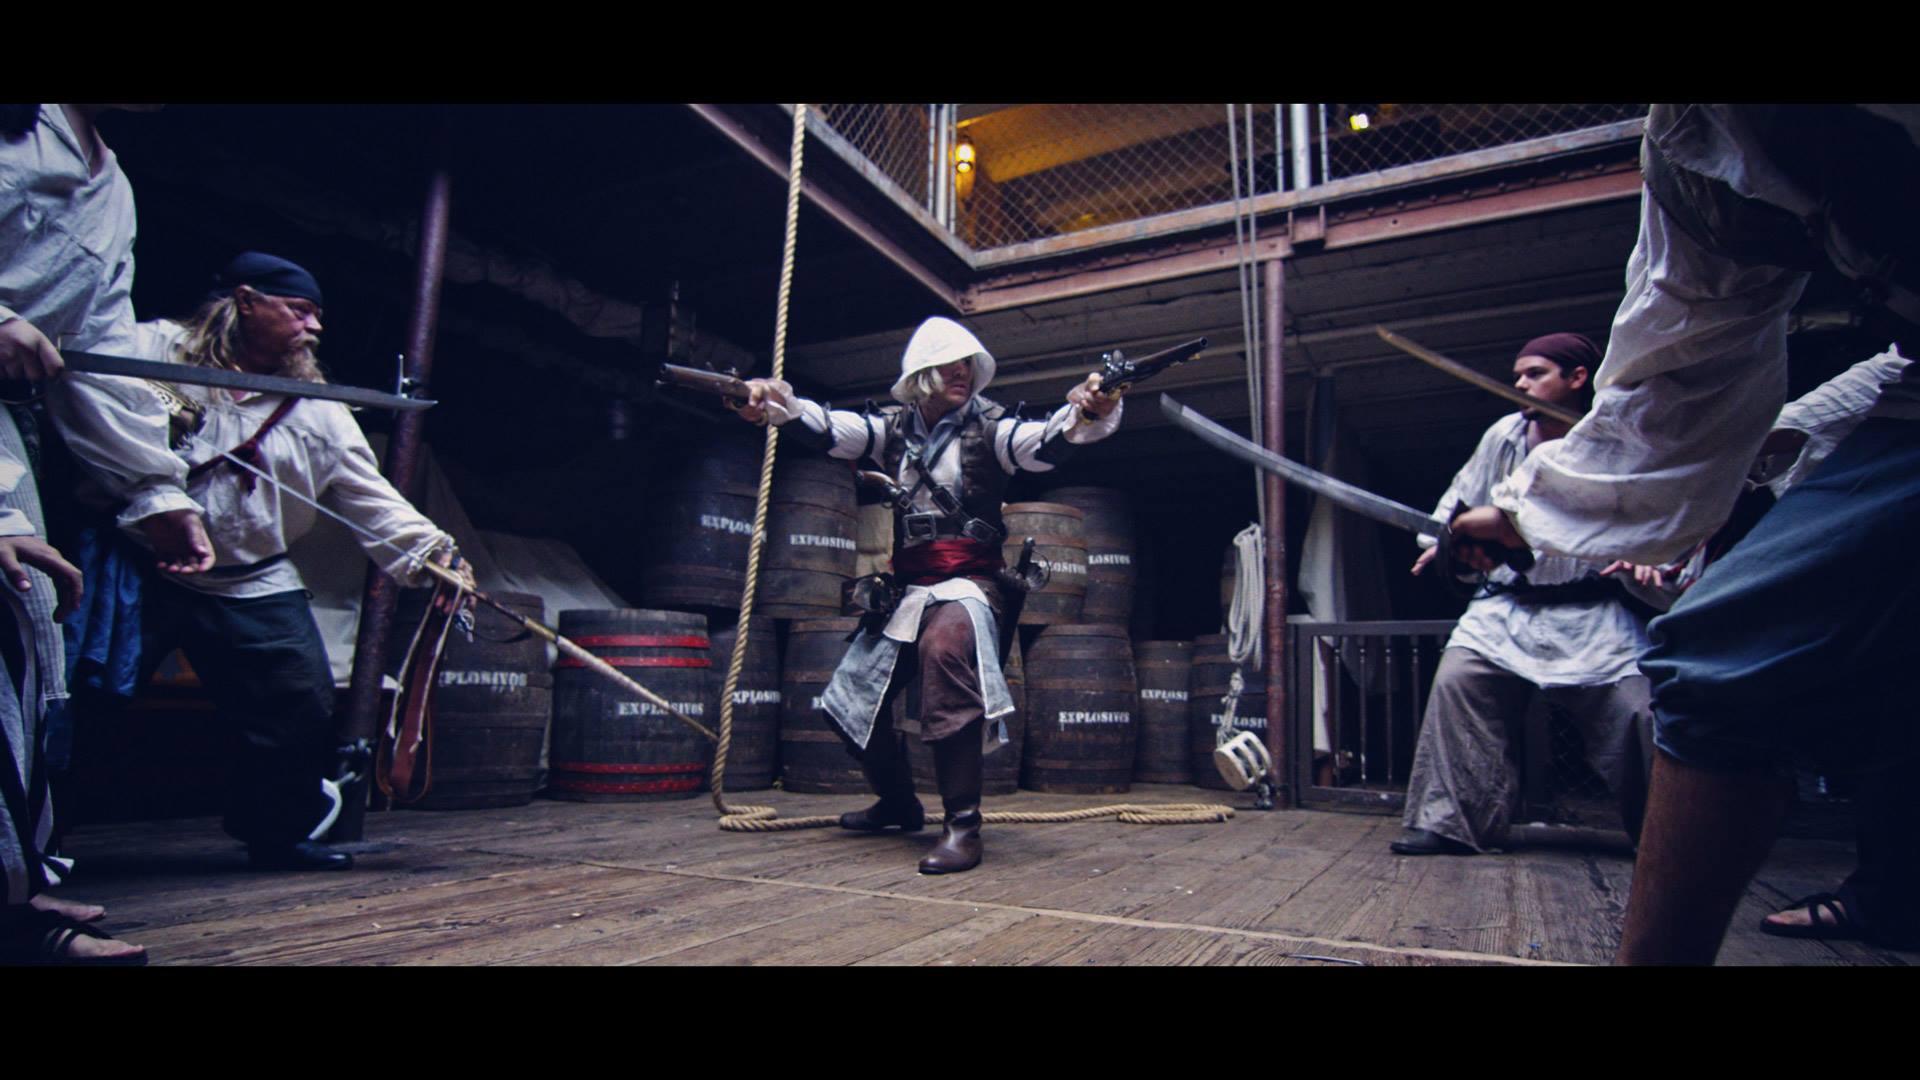 Assassin's Creed: The Devil's Spear (short film) - movie still courtesy of Corridor Digital